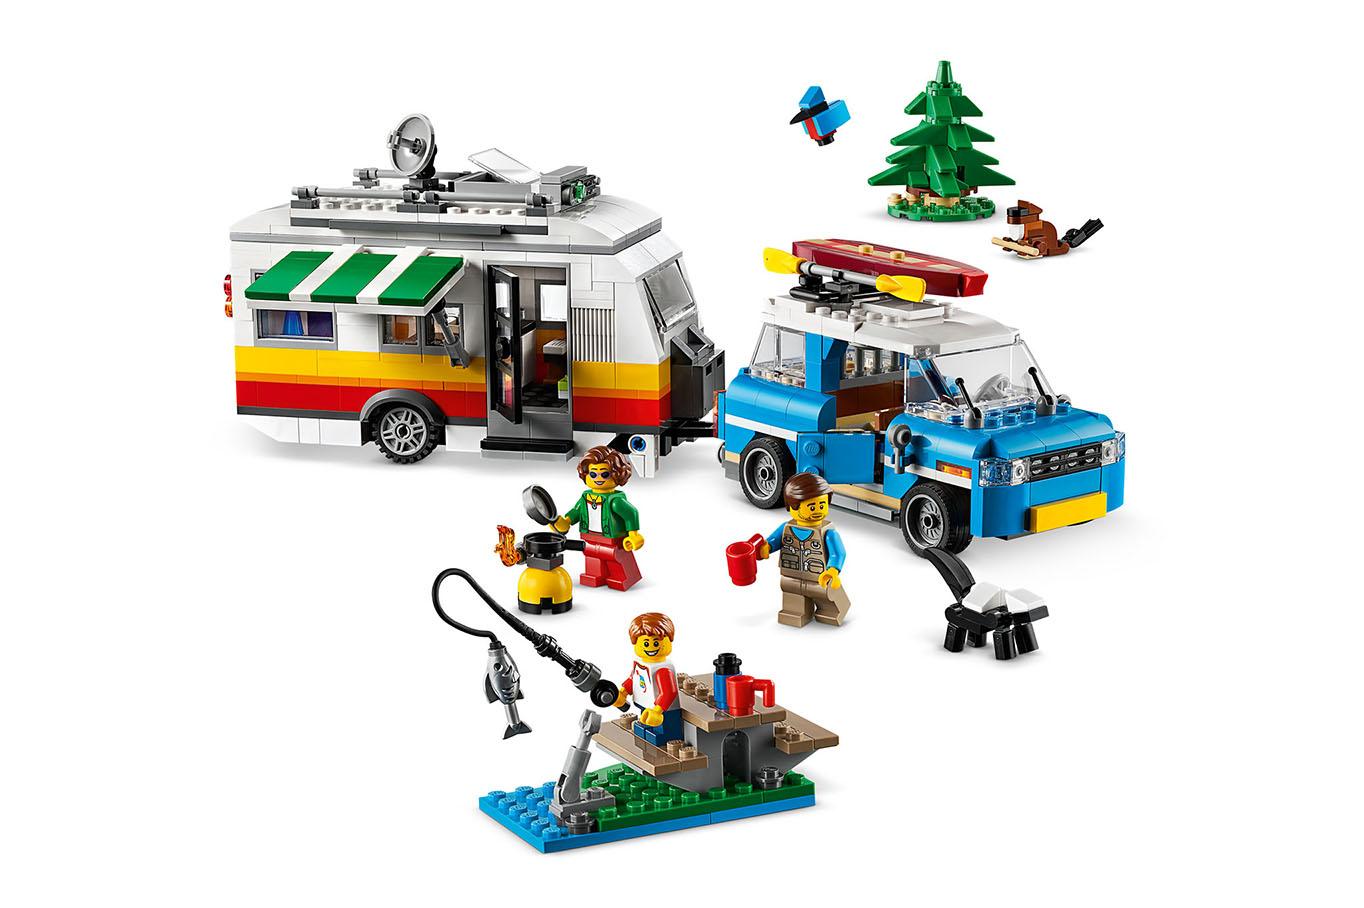 lego-creator-campingurlaub-31108/